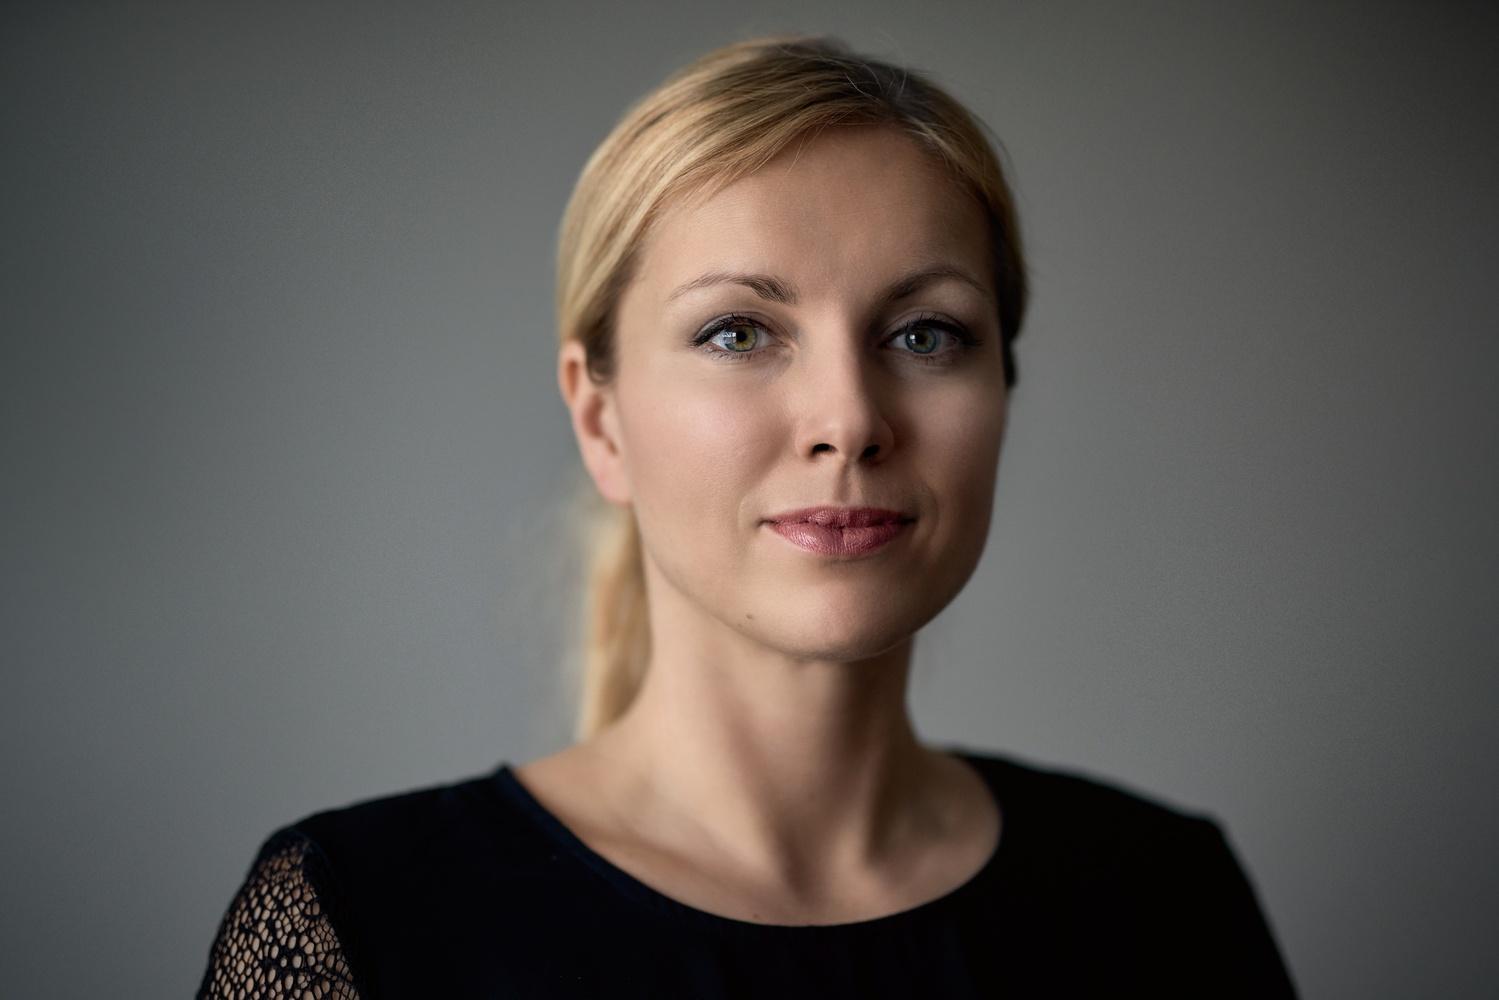 Mrs. T by Mika Kallio